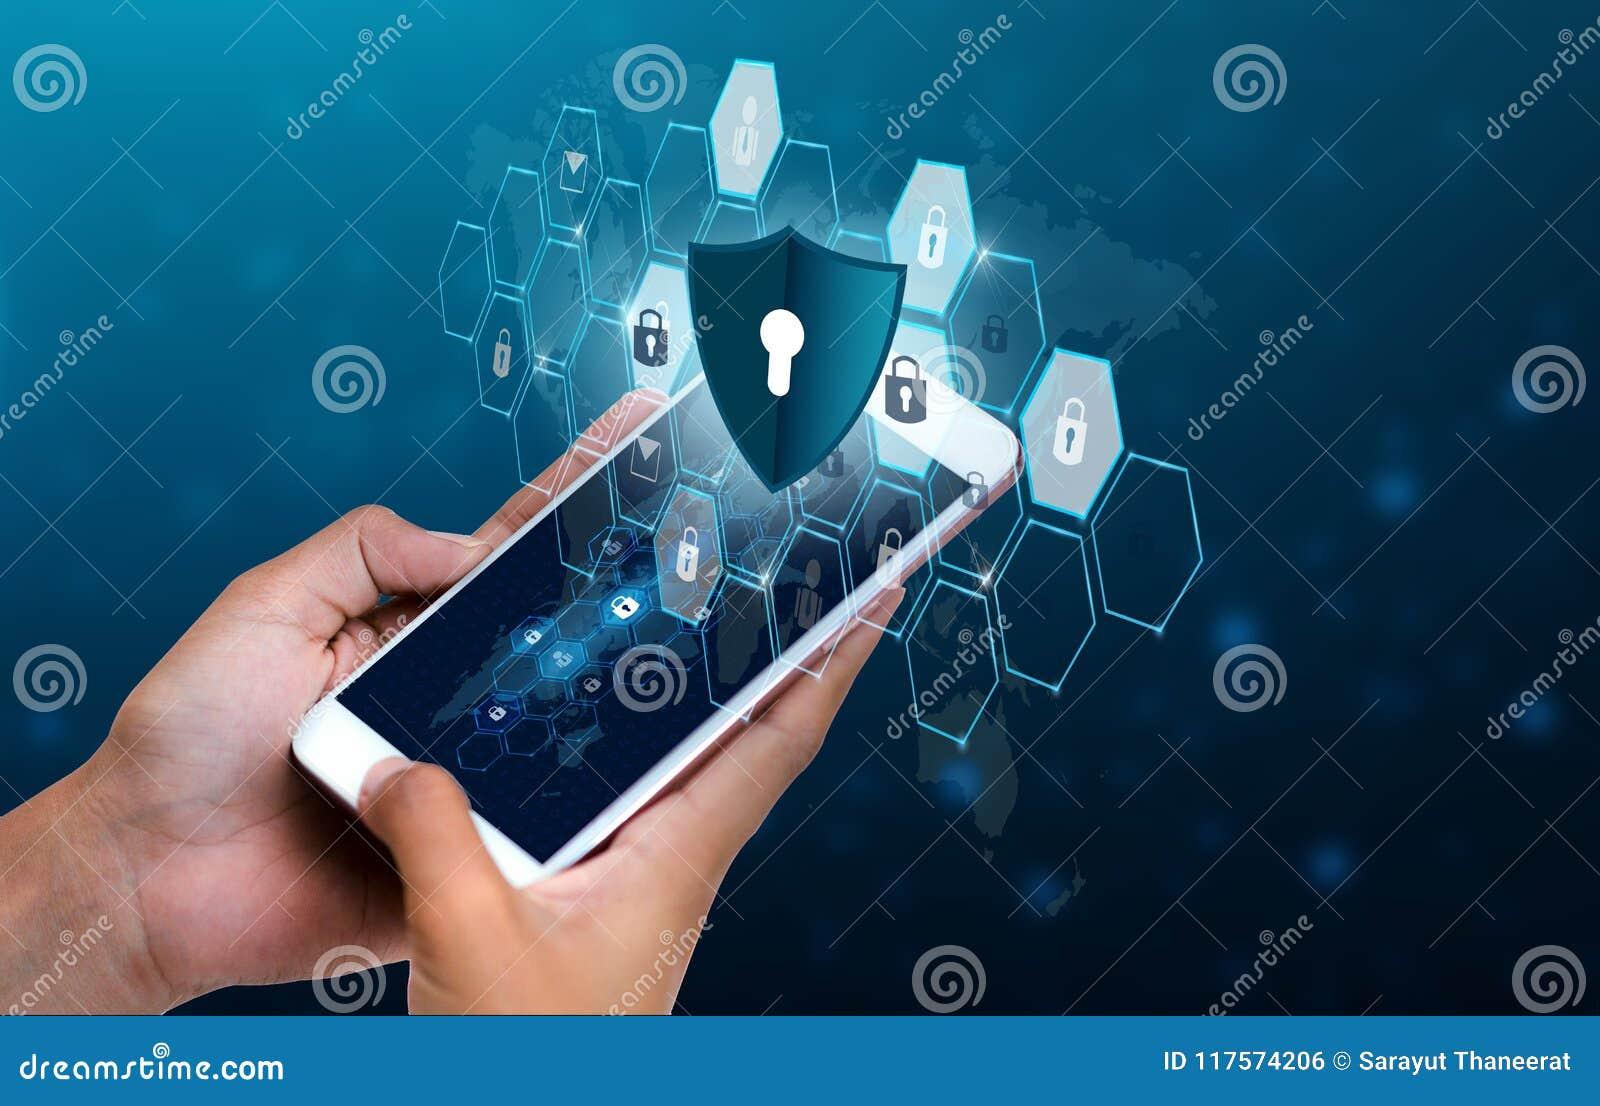 Les gens d affaires débloqués de main de téléphone d Internet de serrure de smartphone pressent le téléphone pour communiquer dan